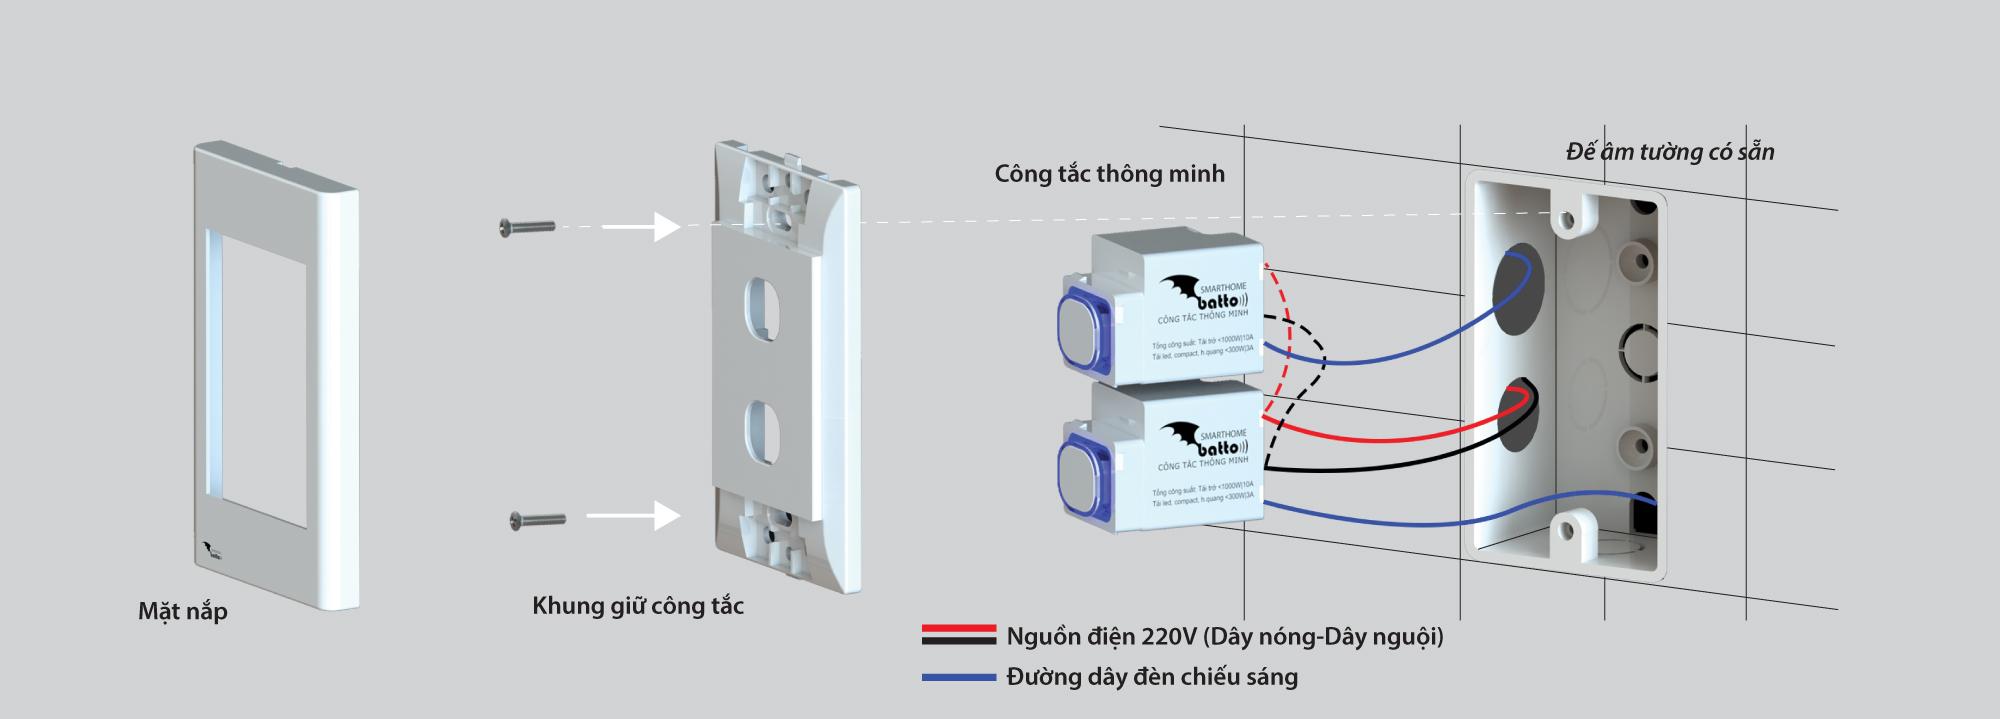 Hướng dẫn lắp đặt công tắc thông minh SmartX (Lắp dọc)